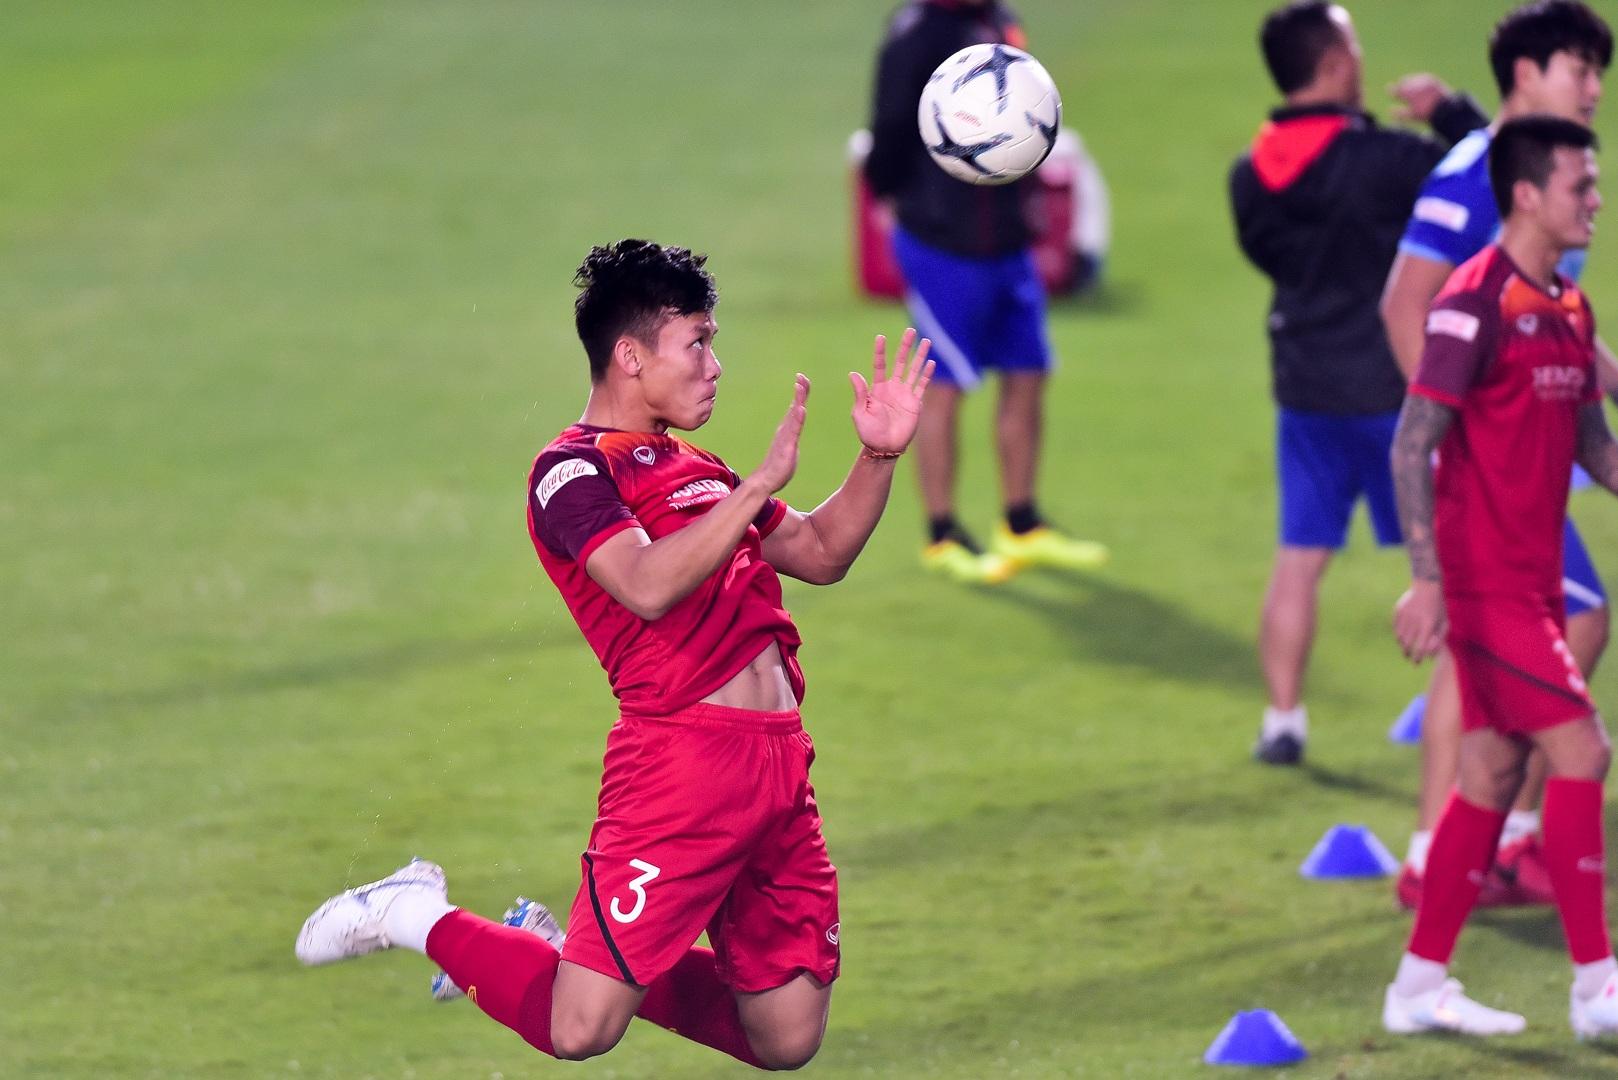 HLV Park Hang Seo hỏi thăm Quang Hải, tự tay kiểm tra vết thương Thành Chung - 13